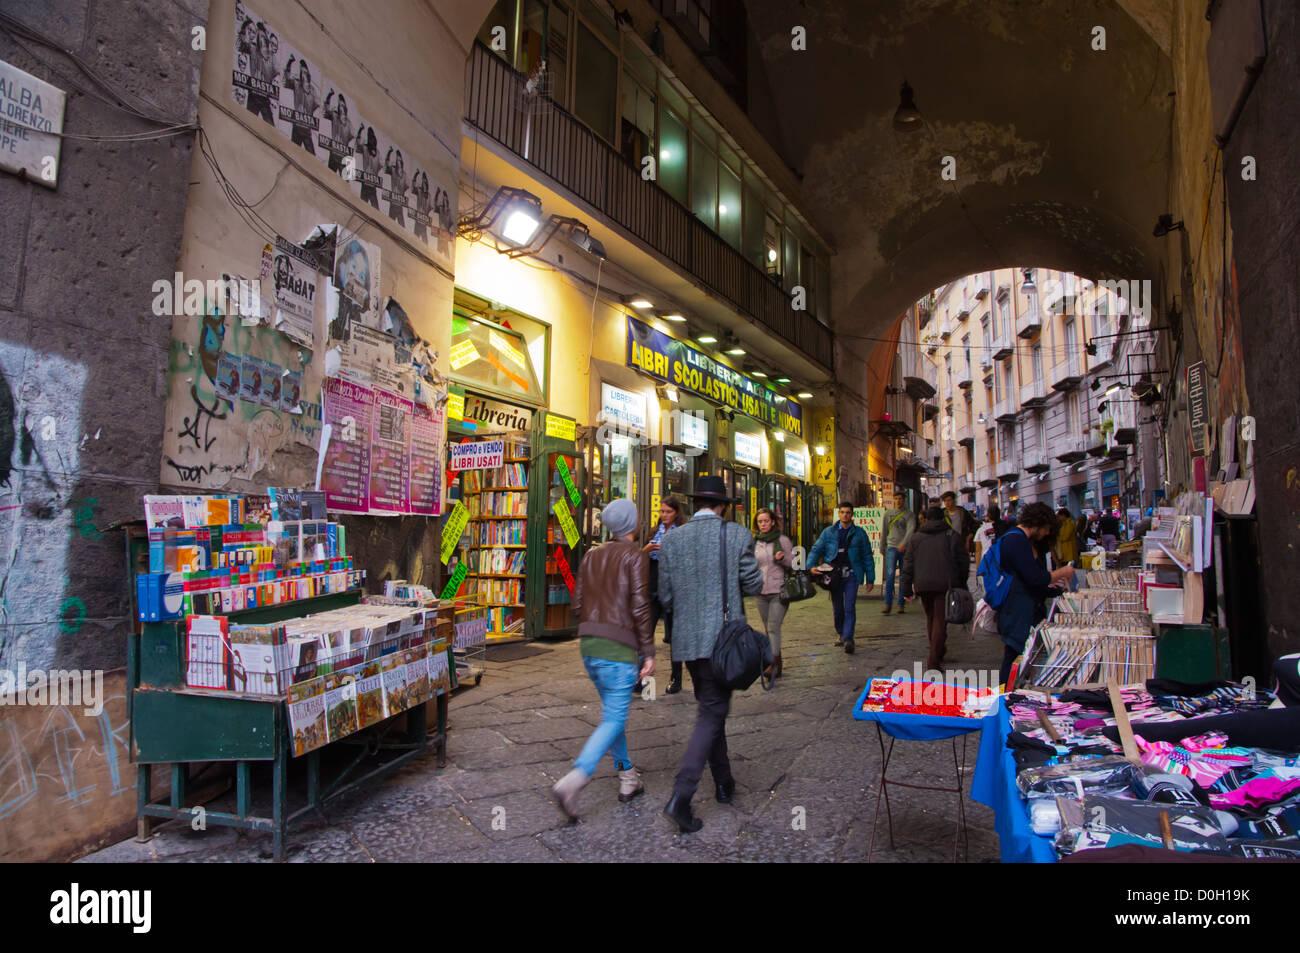 Librerie lungo Port Alba alley off Piazza Dante piazza centrale della città di Napoli La regione Campania sud Immagini Stock